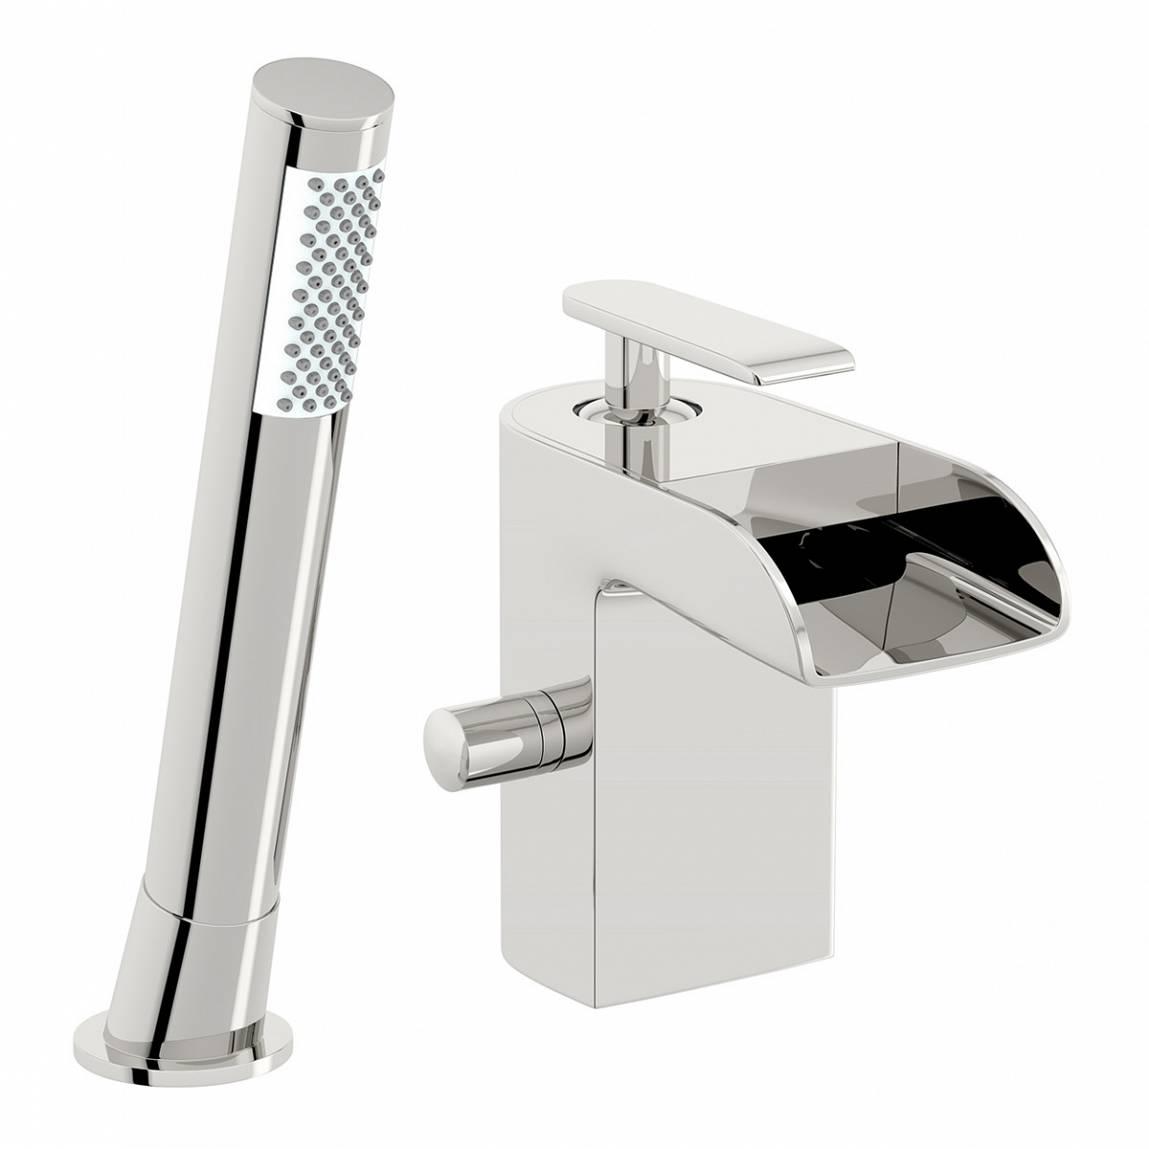 Image of Reinosa Waterfall Bath Shower Mixer